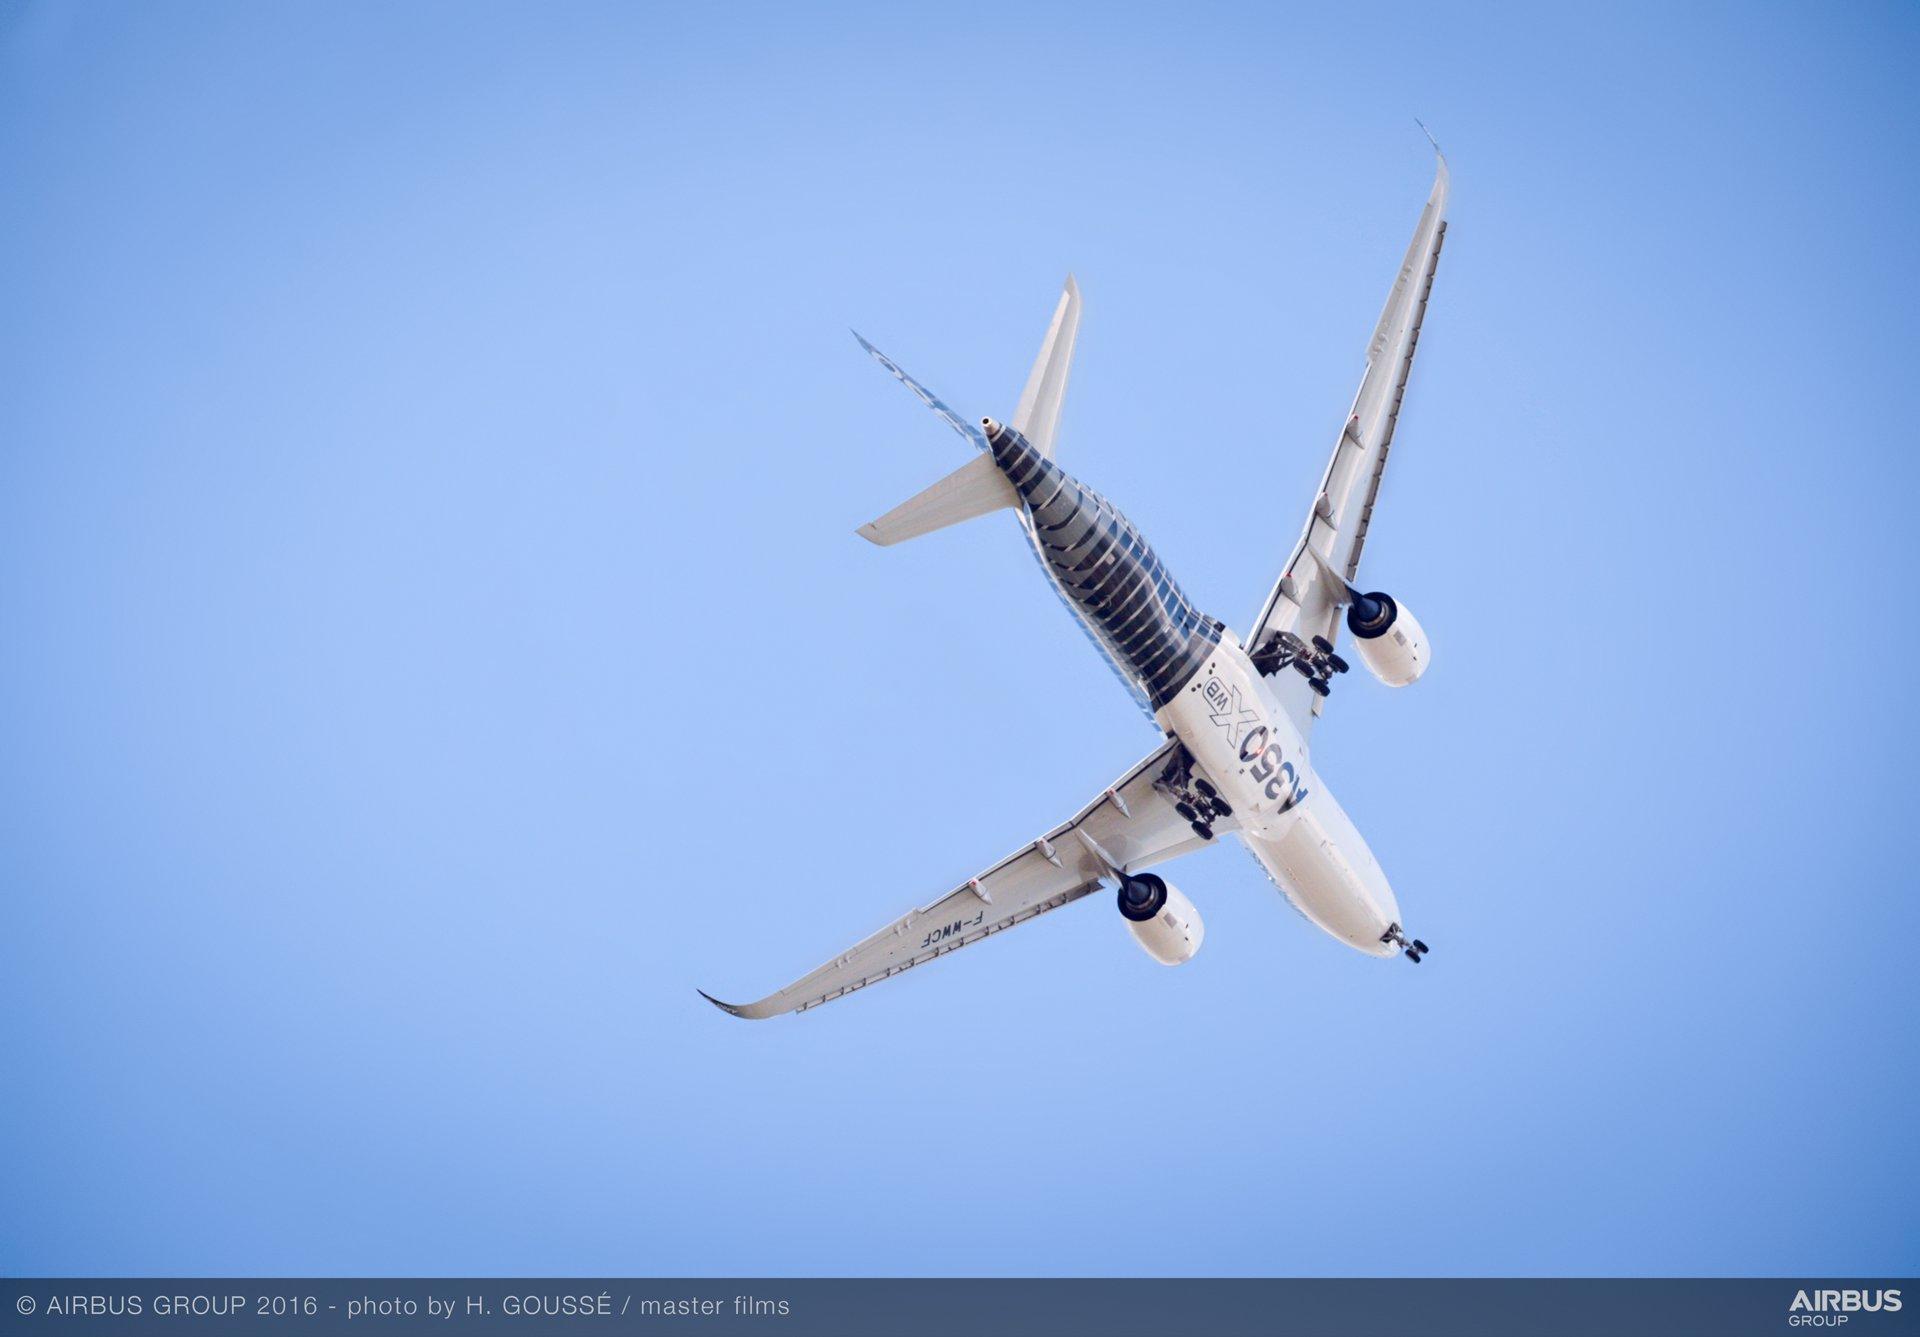 Farnborough Airshow_Day 4_A350 XWB flying display 3